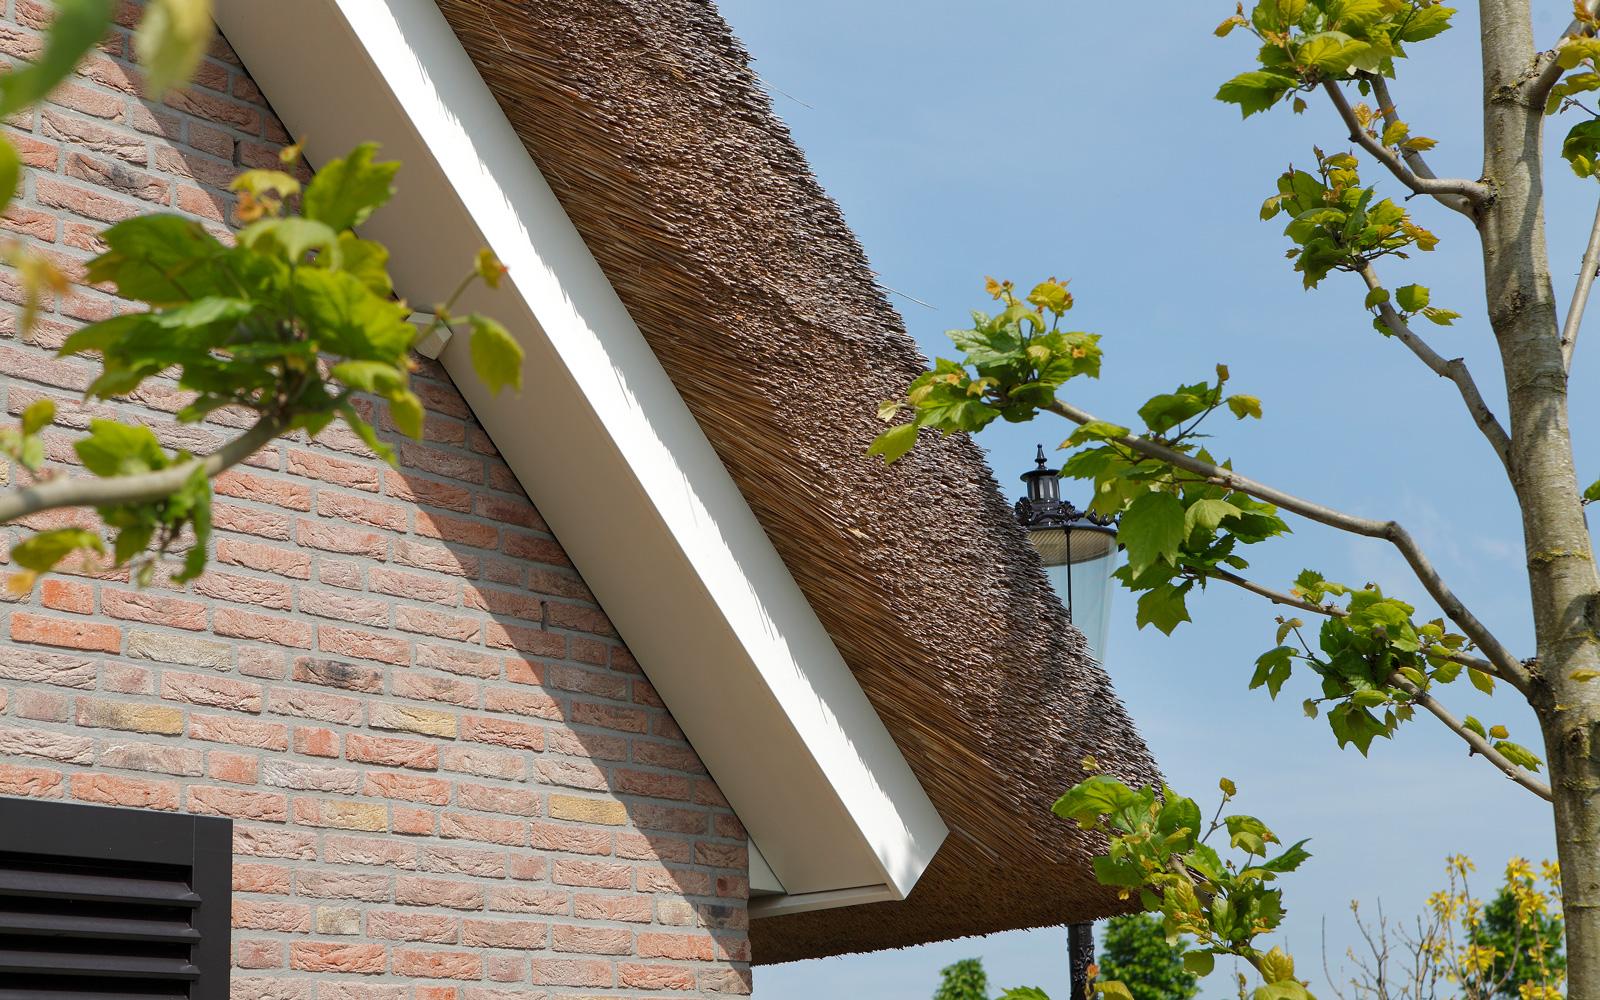 Rieten dak, riet, Rietdekkersbedrijf Eugène Maas, hedendaags landhuis, Marco Daverveld